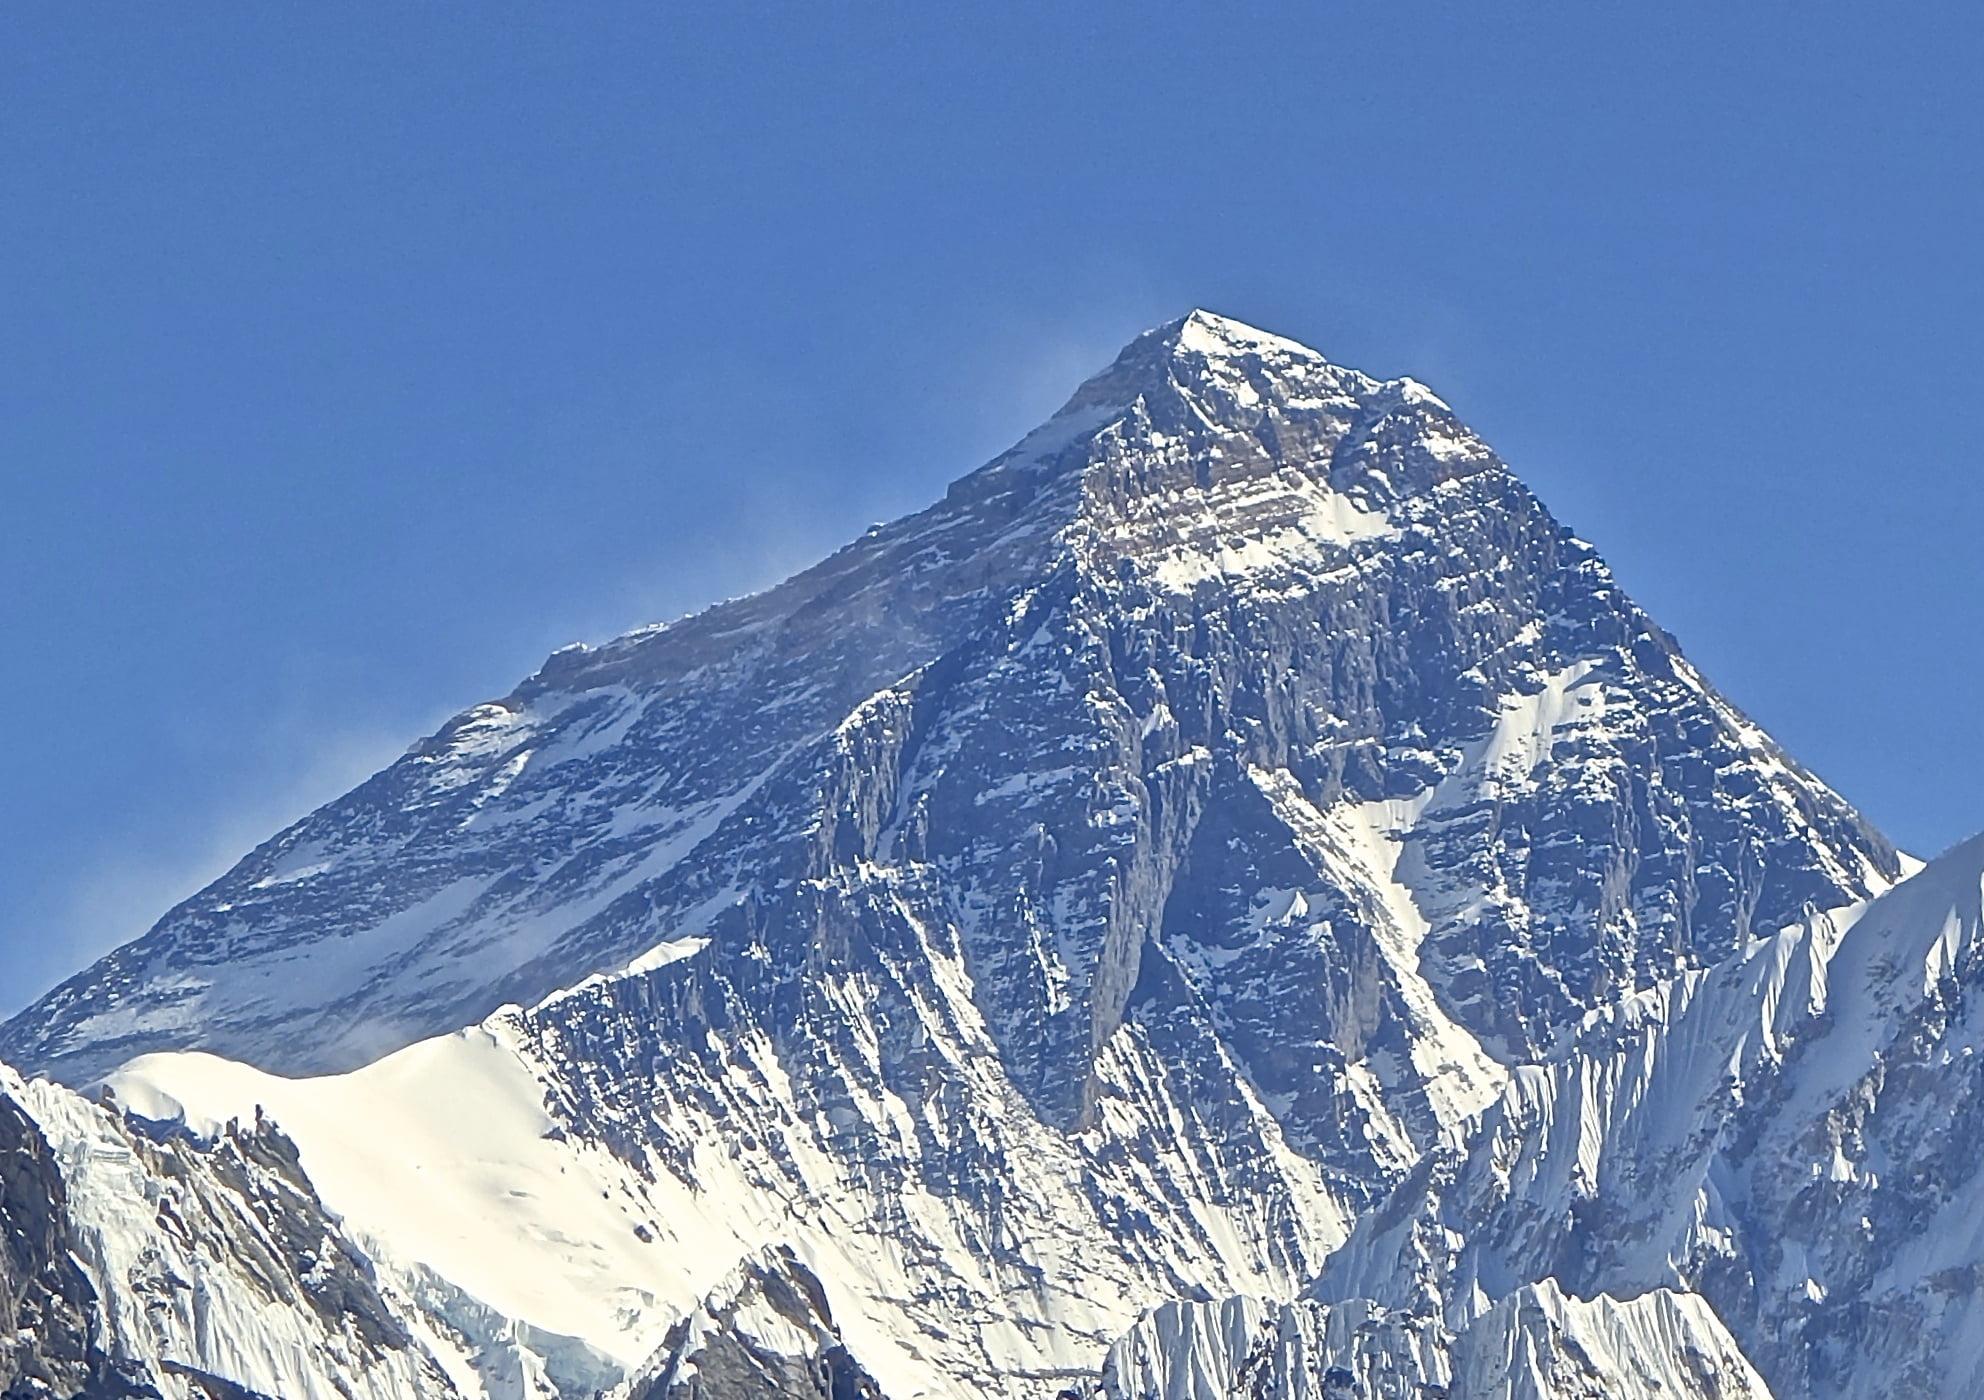 връх-еверест-хималаи